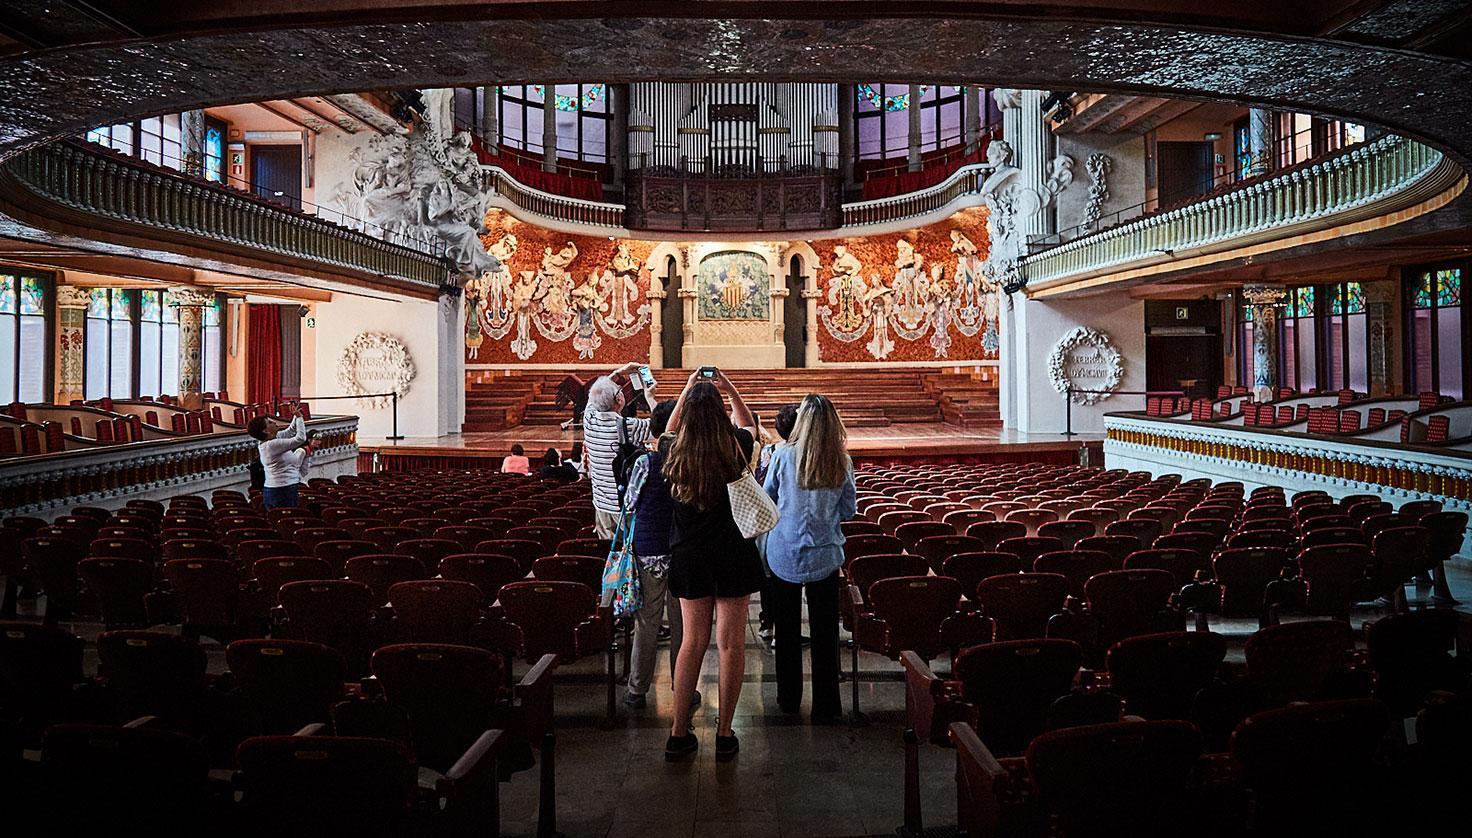 Foto Palazzo della Musica Catalana